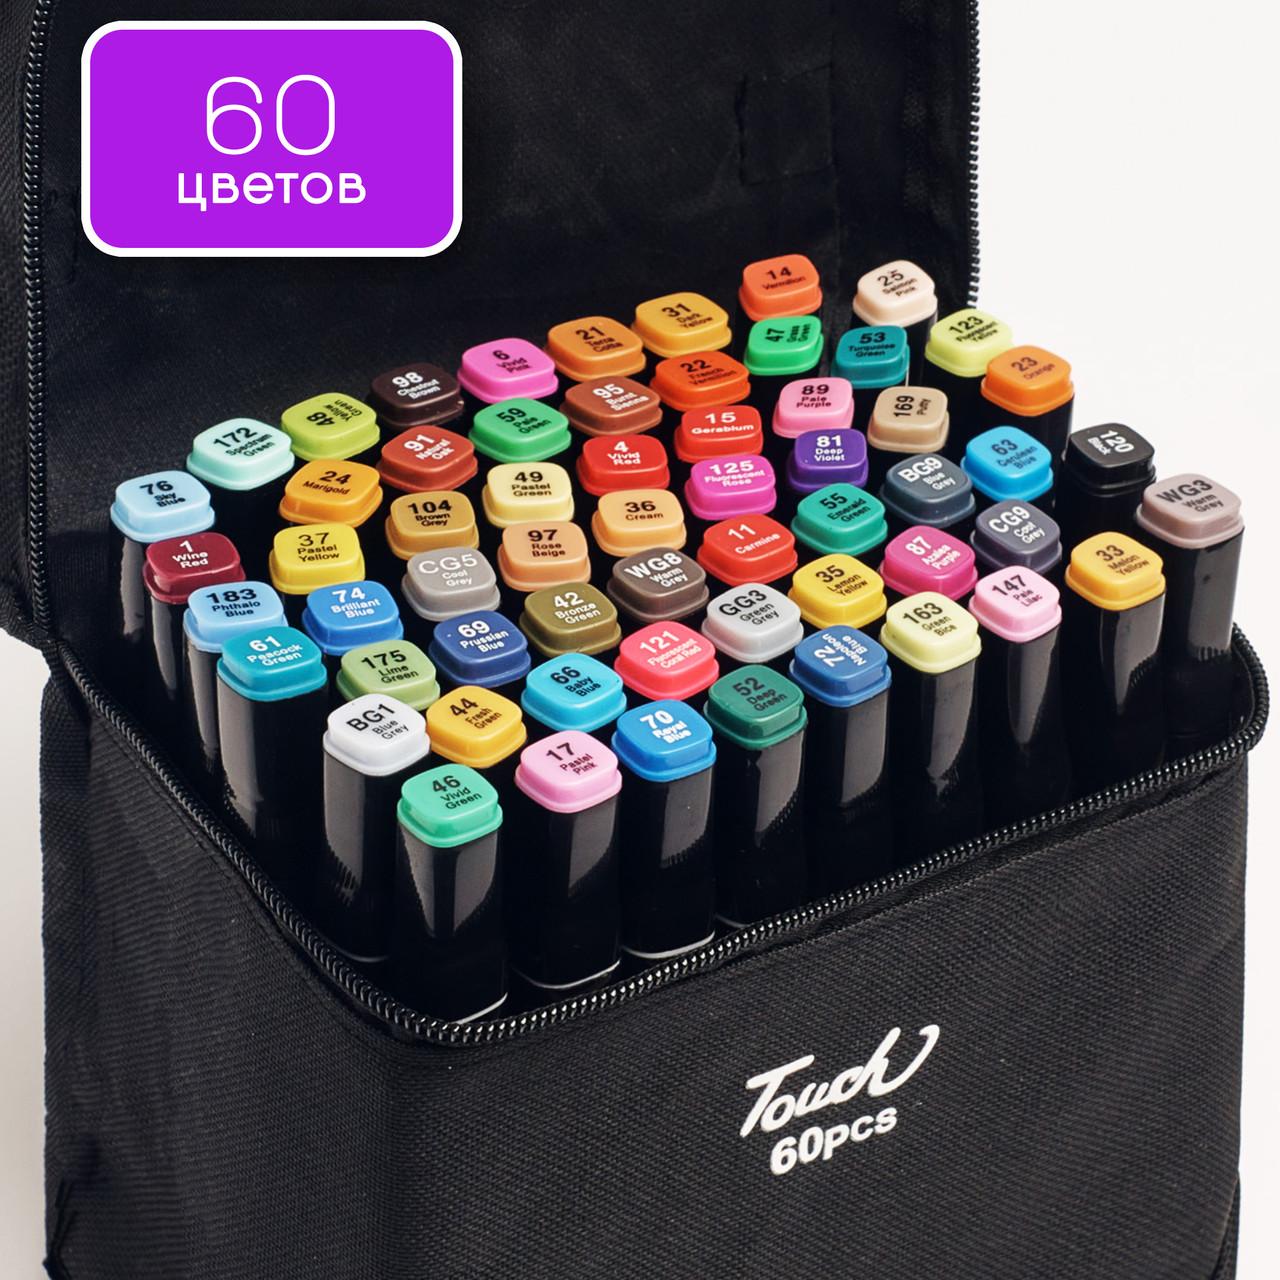 Величезний Набір скетч маркерів 60 кольорів Touch Raven для малювання, в чорному корпусі